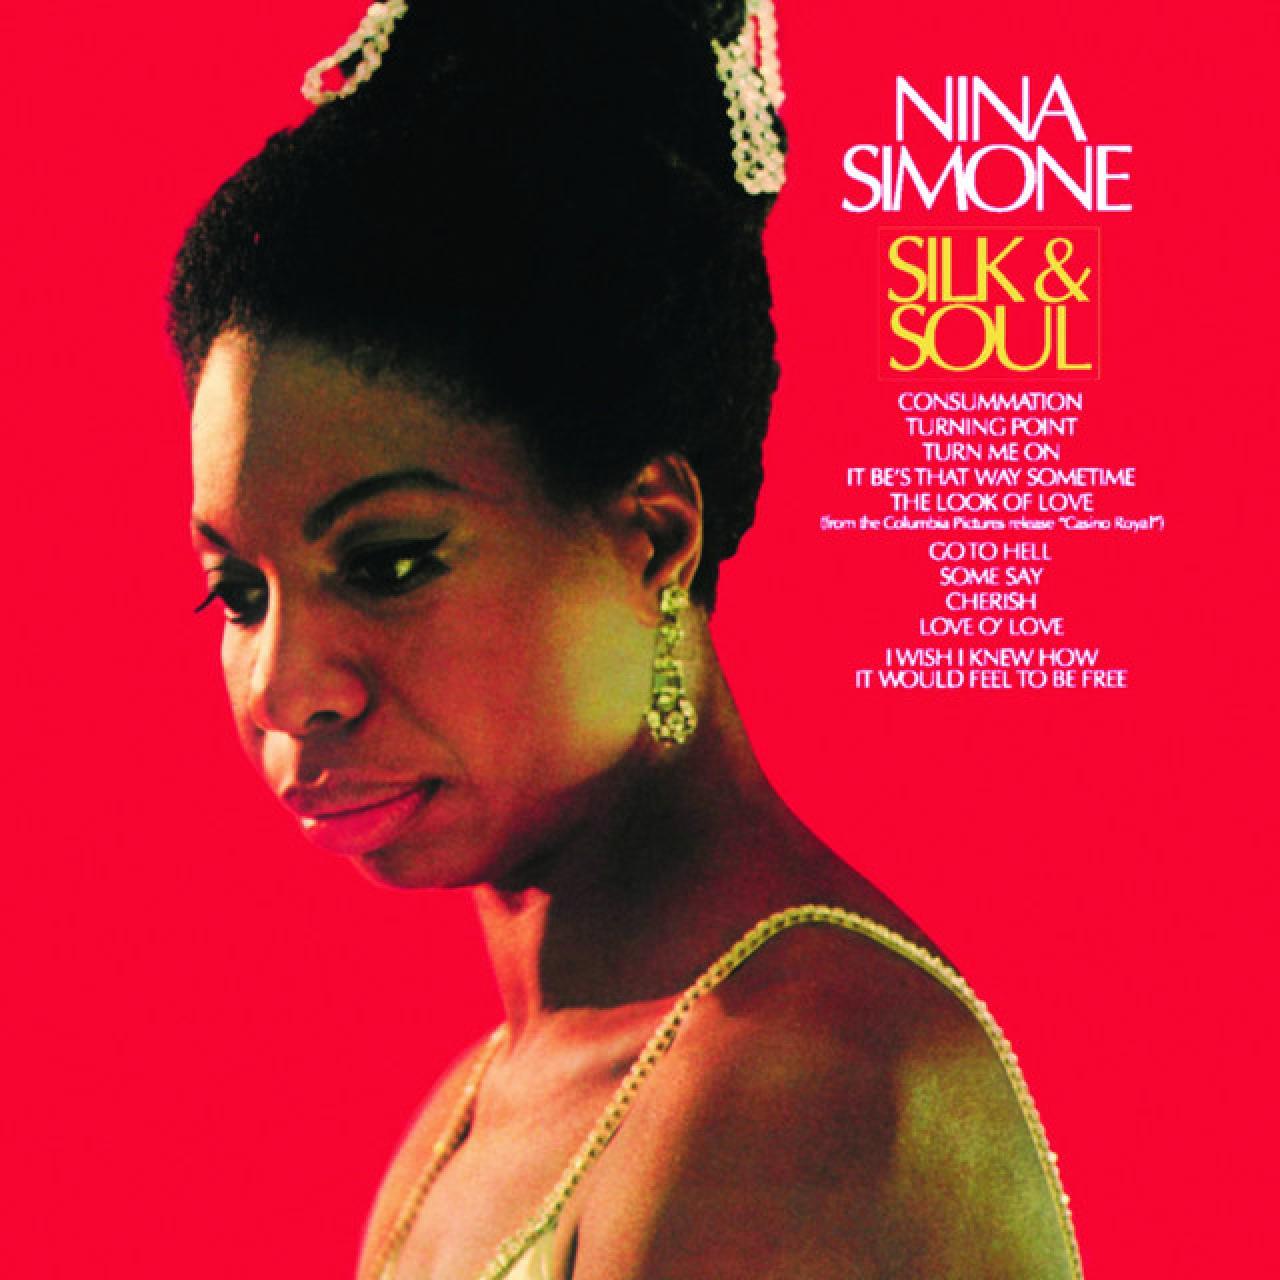 Nina Simone - Silk & Soul